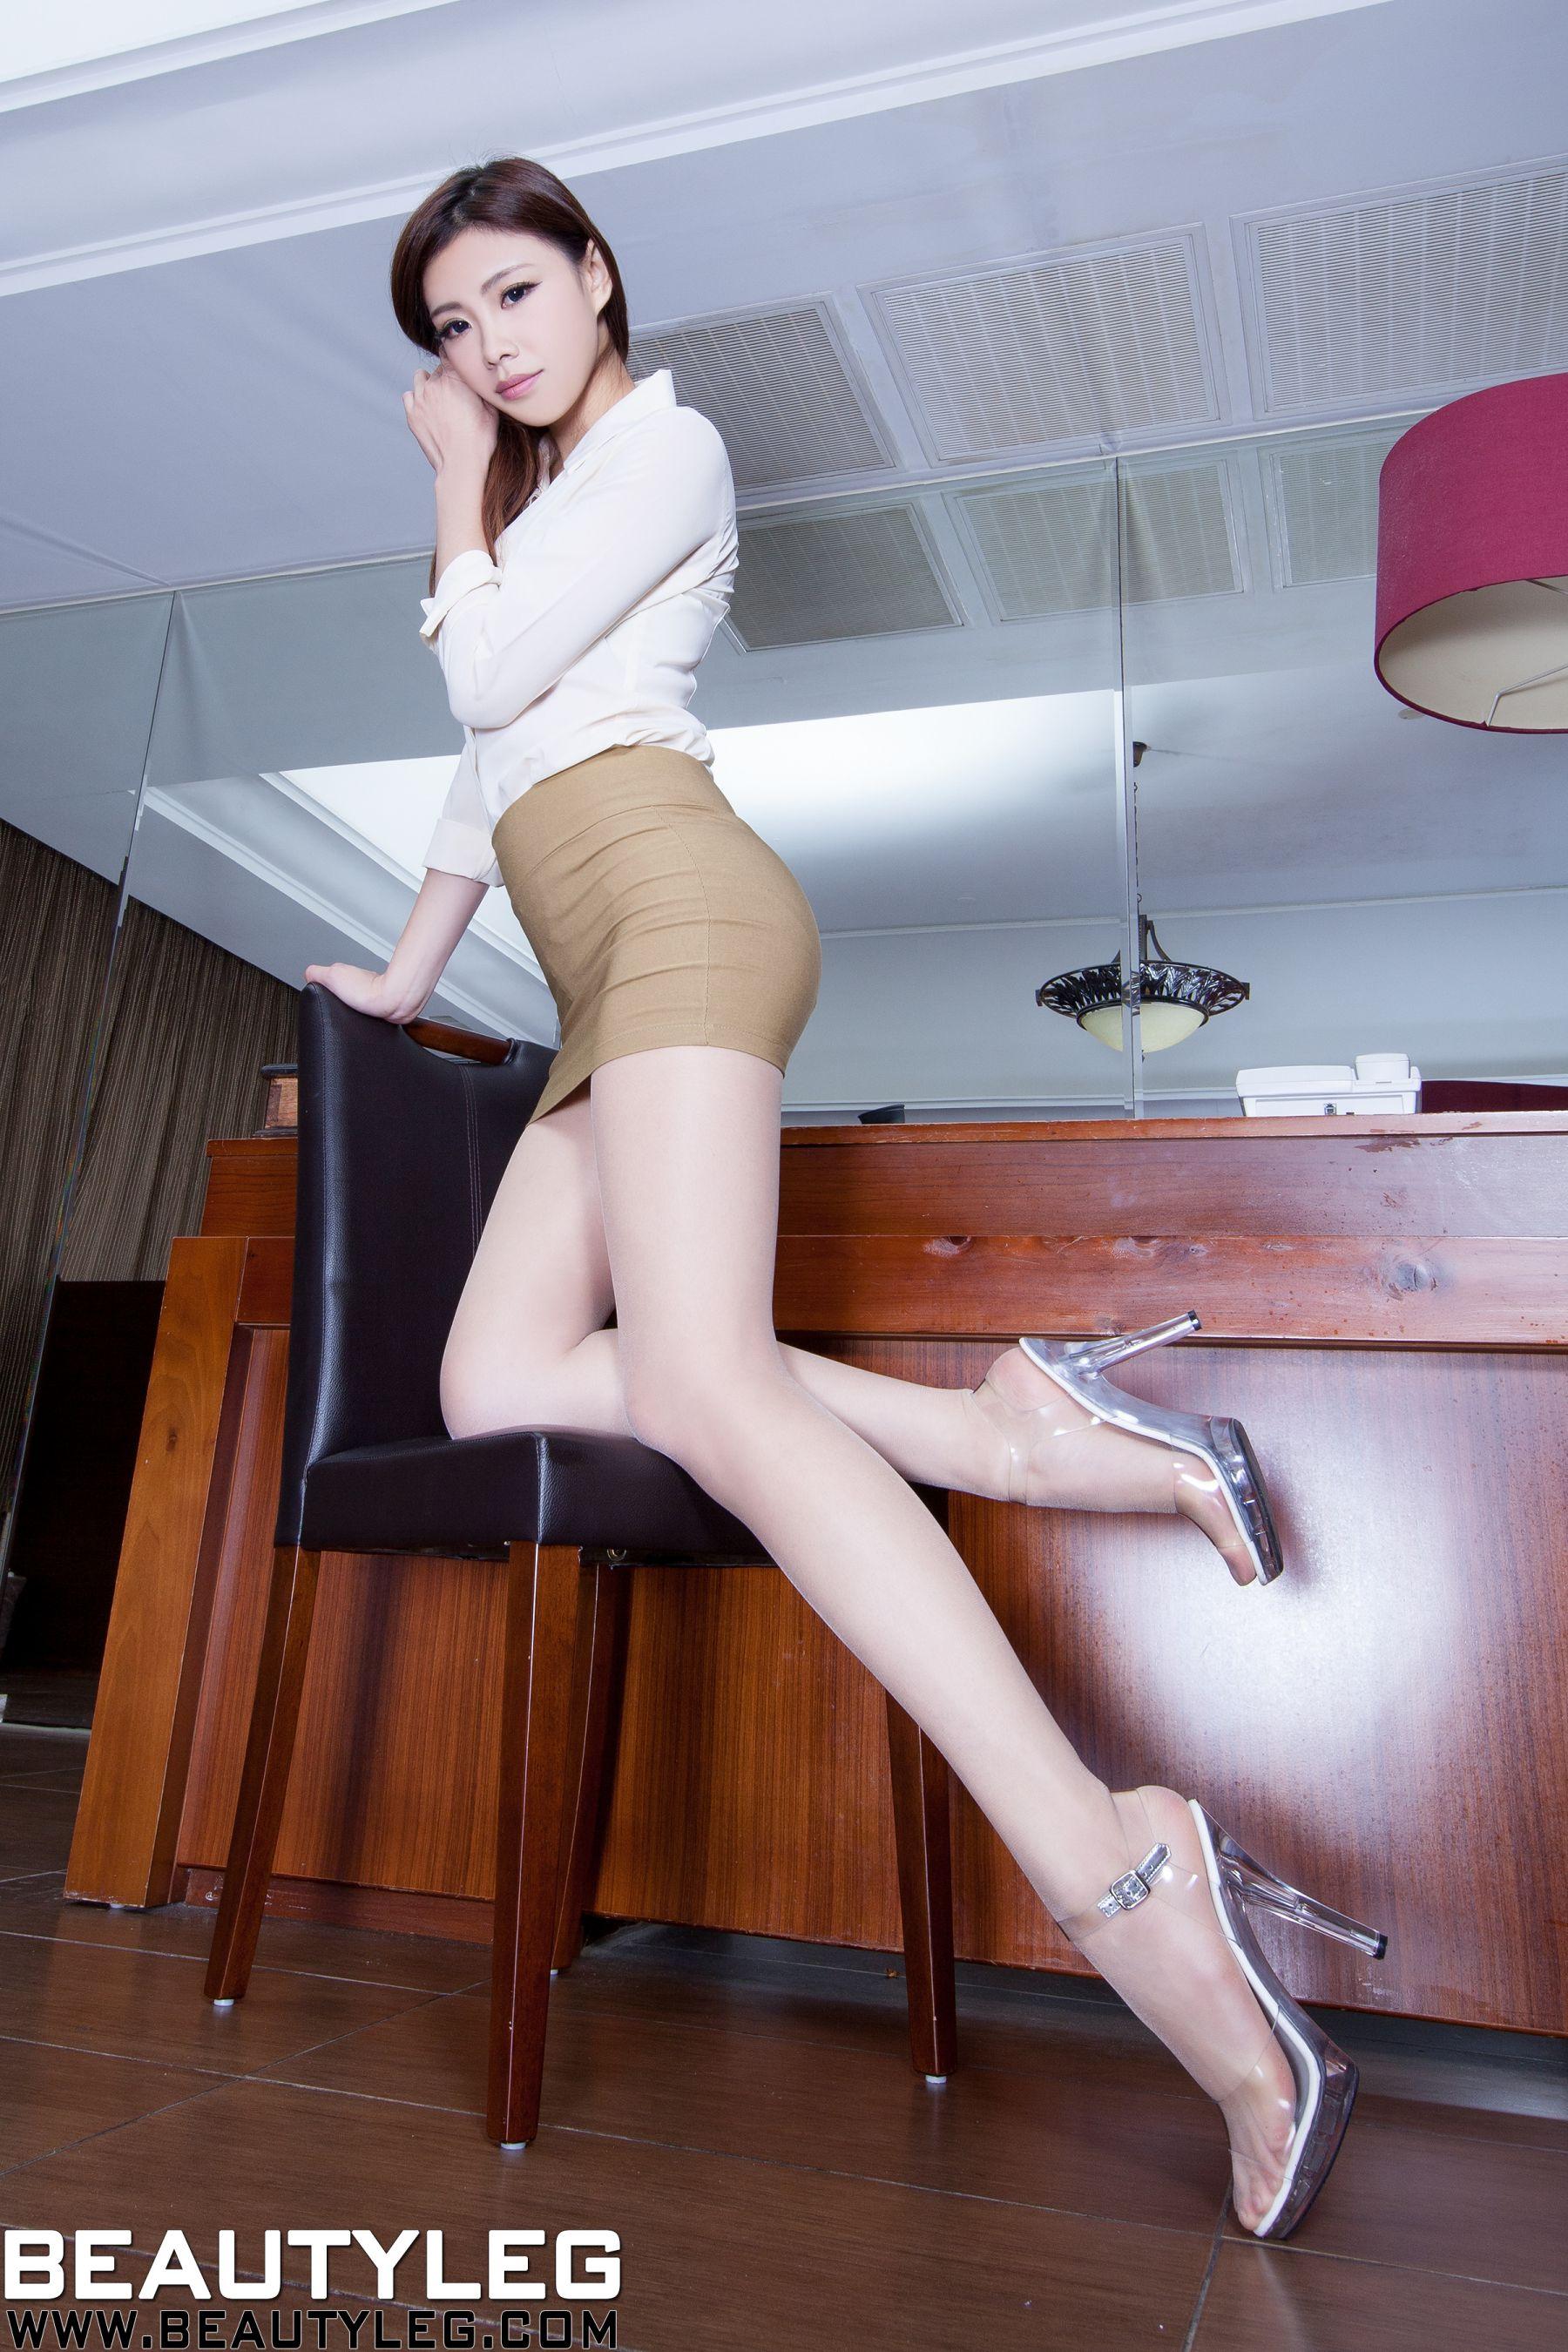 VOL.741 [Beautyleg]美腿:腿模Zoey(Zoey)高品质写真套图(57P)